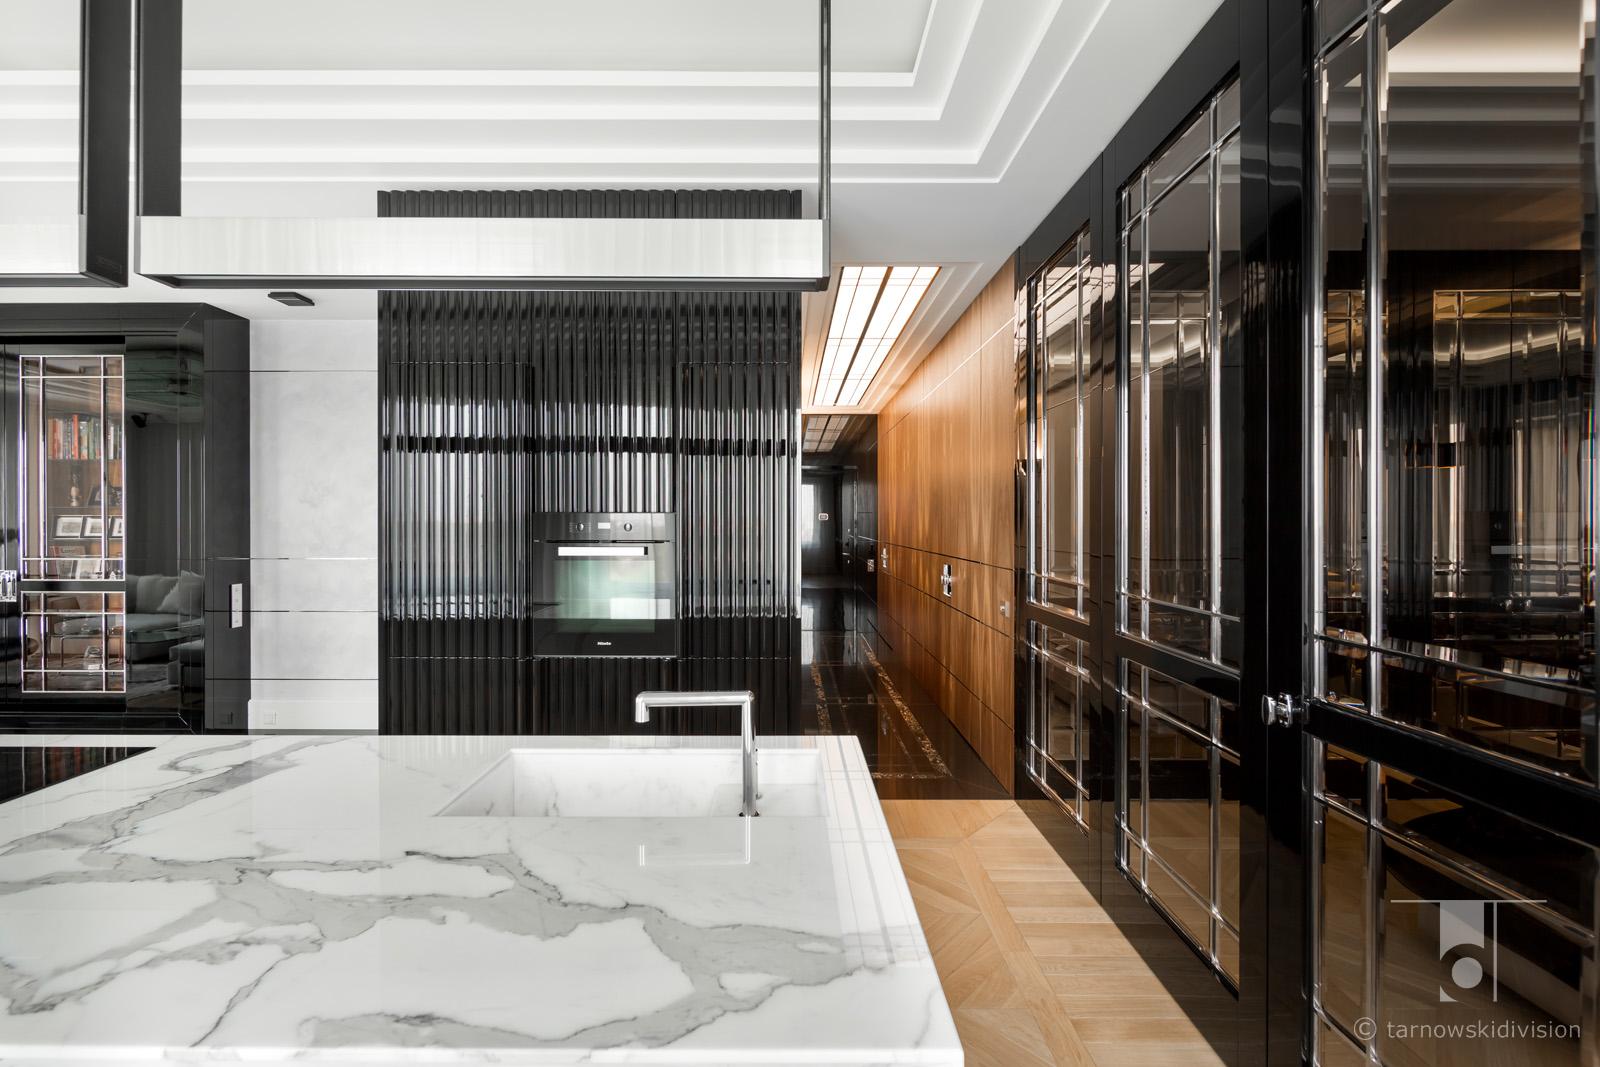 eleganckie wnętrza luksusowe wnętrza ekskluzywne wnętrze luksusowa kuchnia elegancki apartament luxury interior_tarnowski division